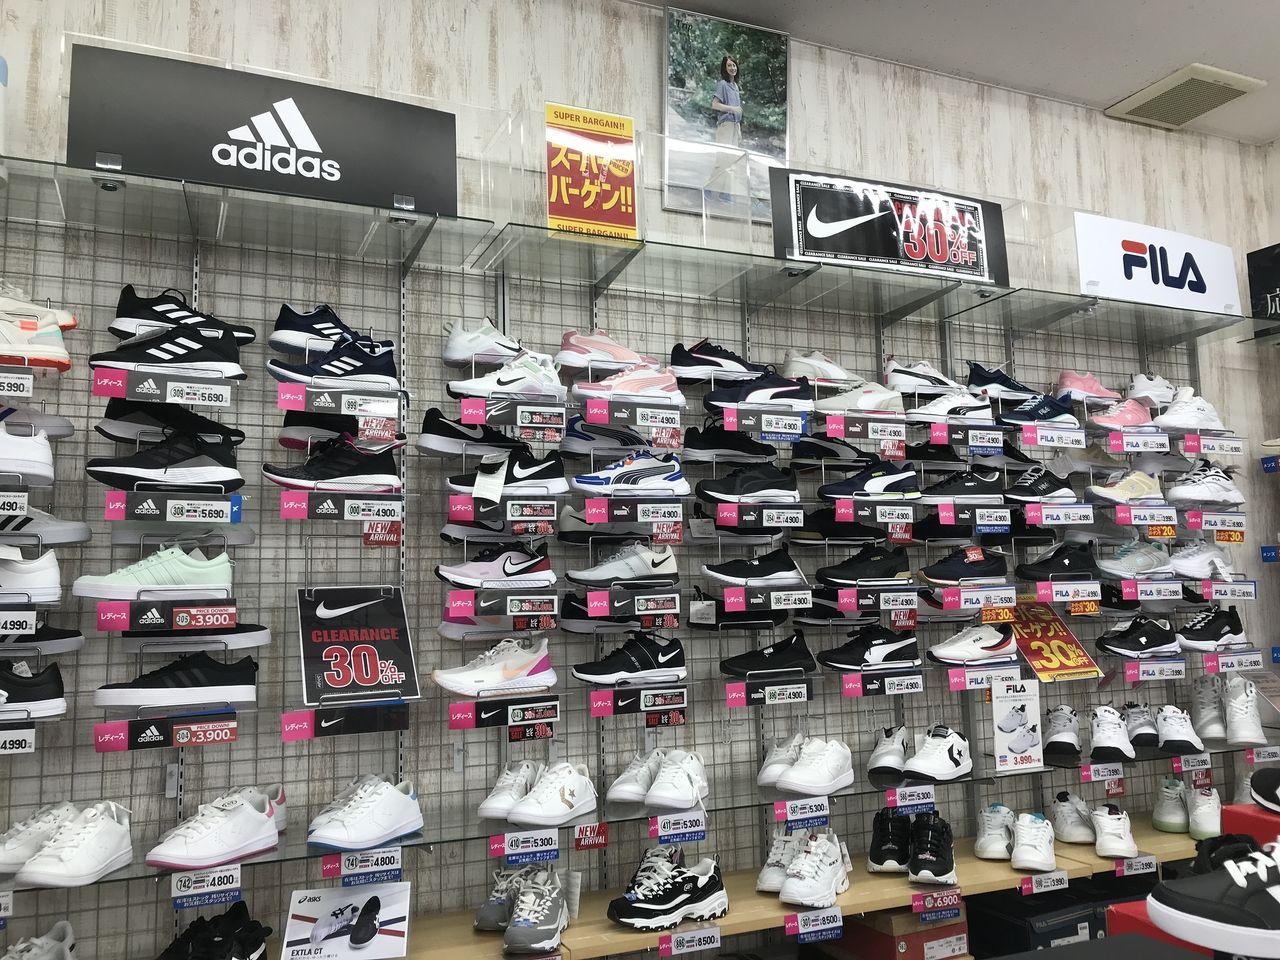 行徳の東京靴流通センターのブランドスニーカー